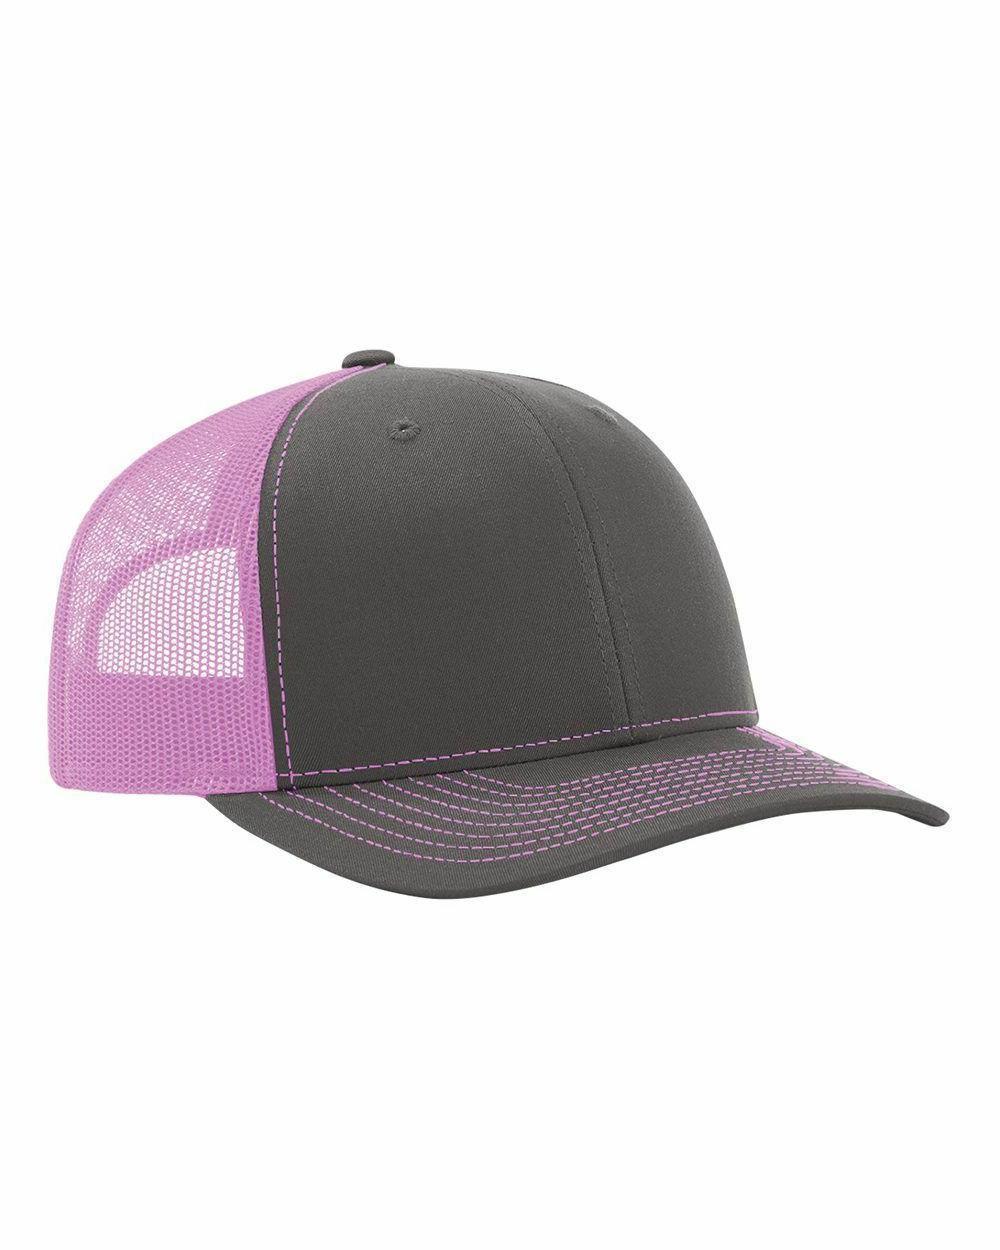 Richardson Trucker Ball Mesh back Cap